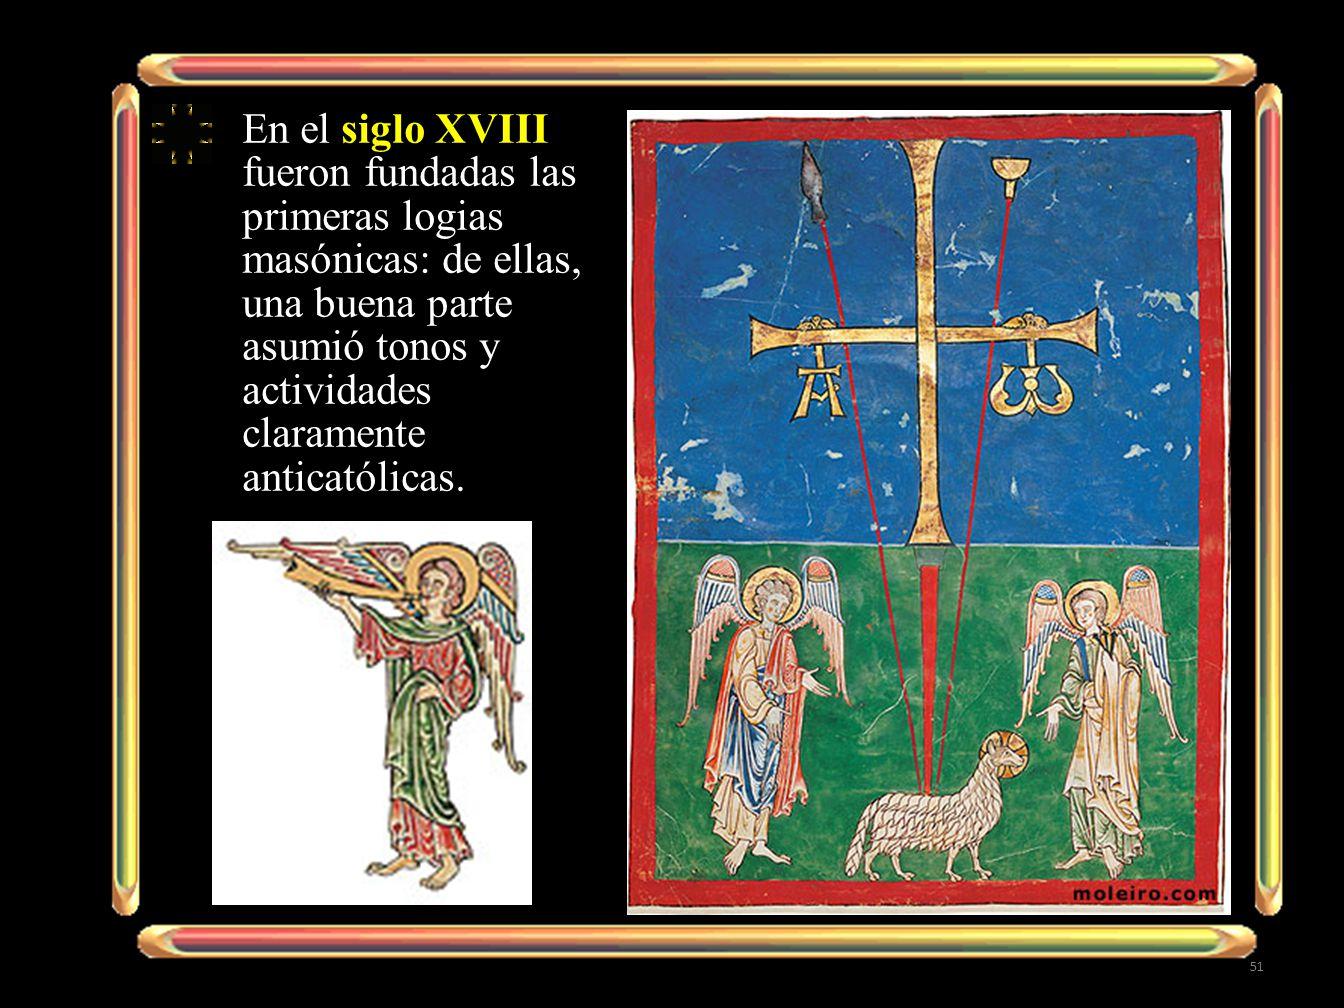 En el siglo XVIII fueron fundadas las primeras logias masónicas: de ellas, una buena parte asumió tonos y actividades claramente anticatólicas. 51